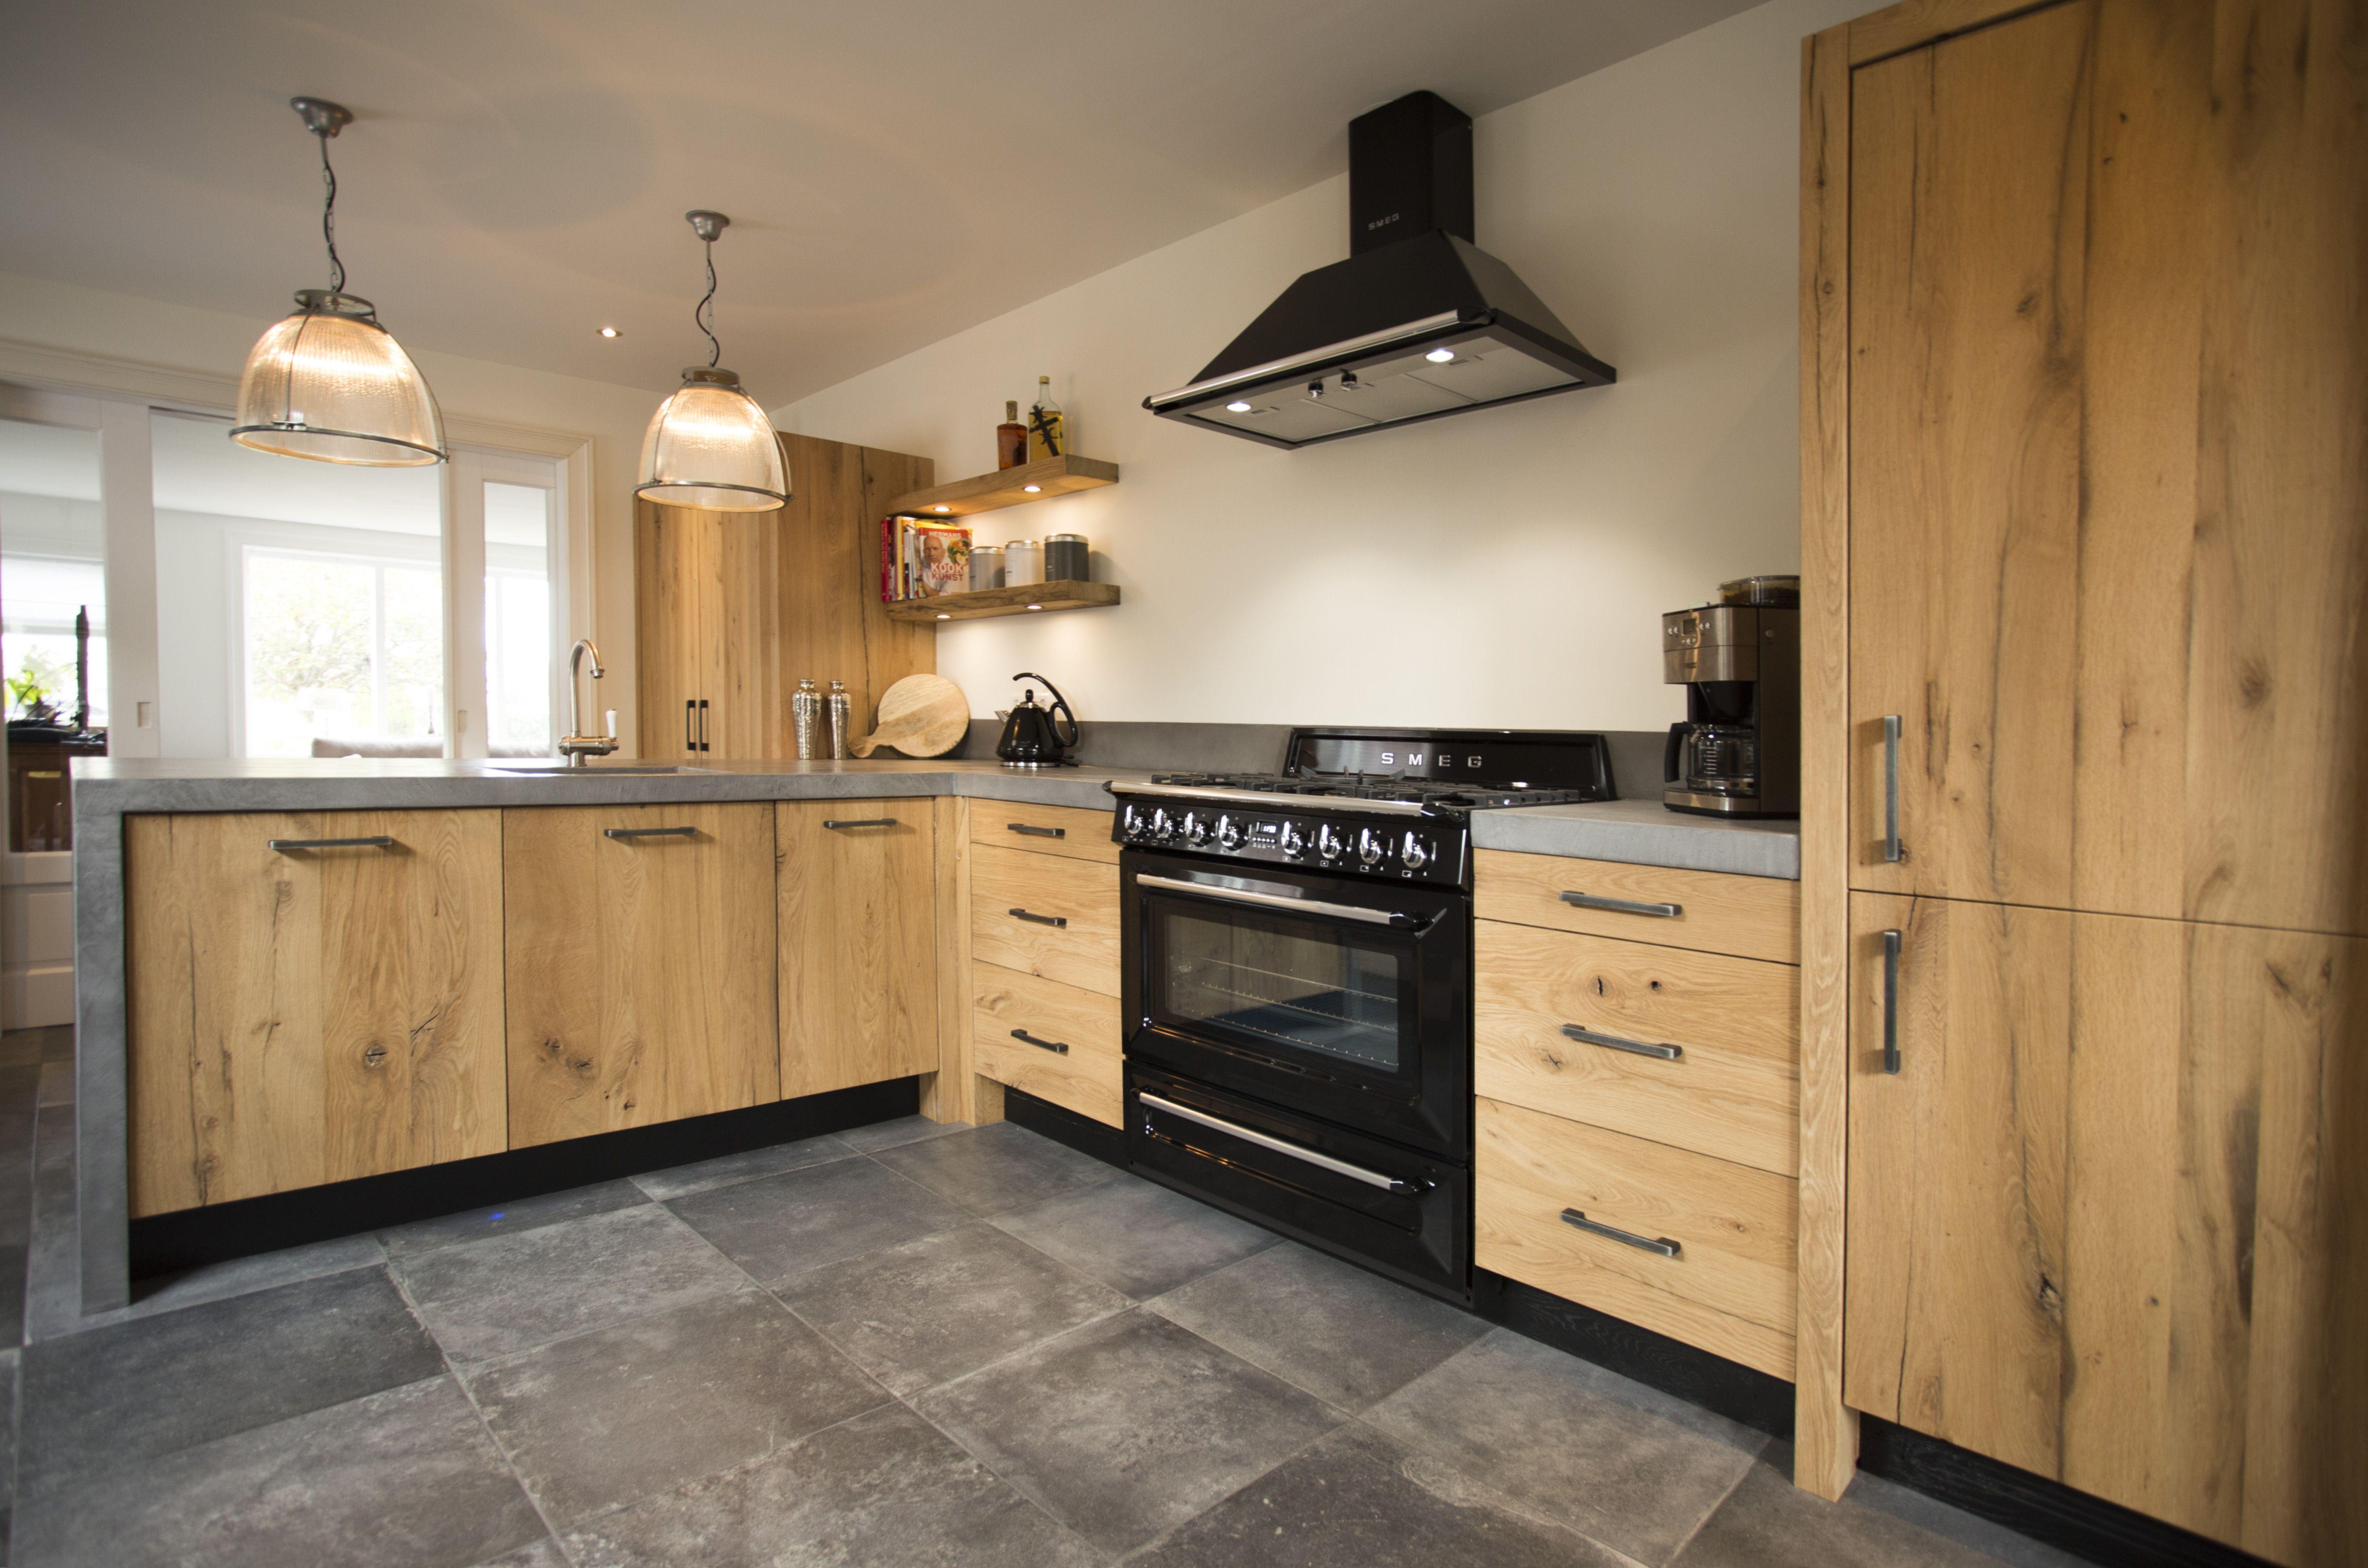 Keukenblad in beal mortex door vloer zo interieur zo vloer